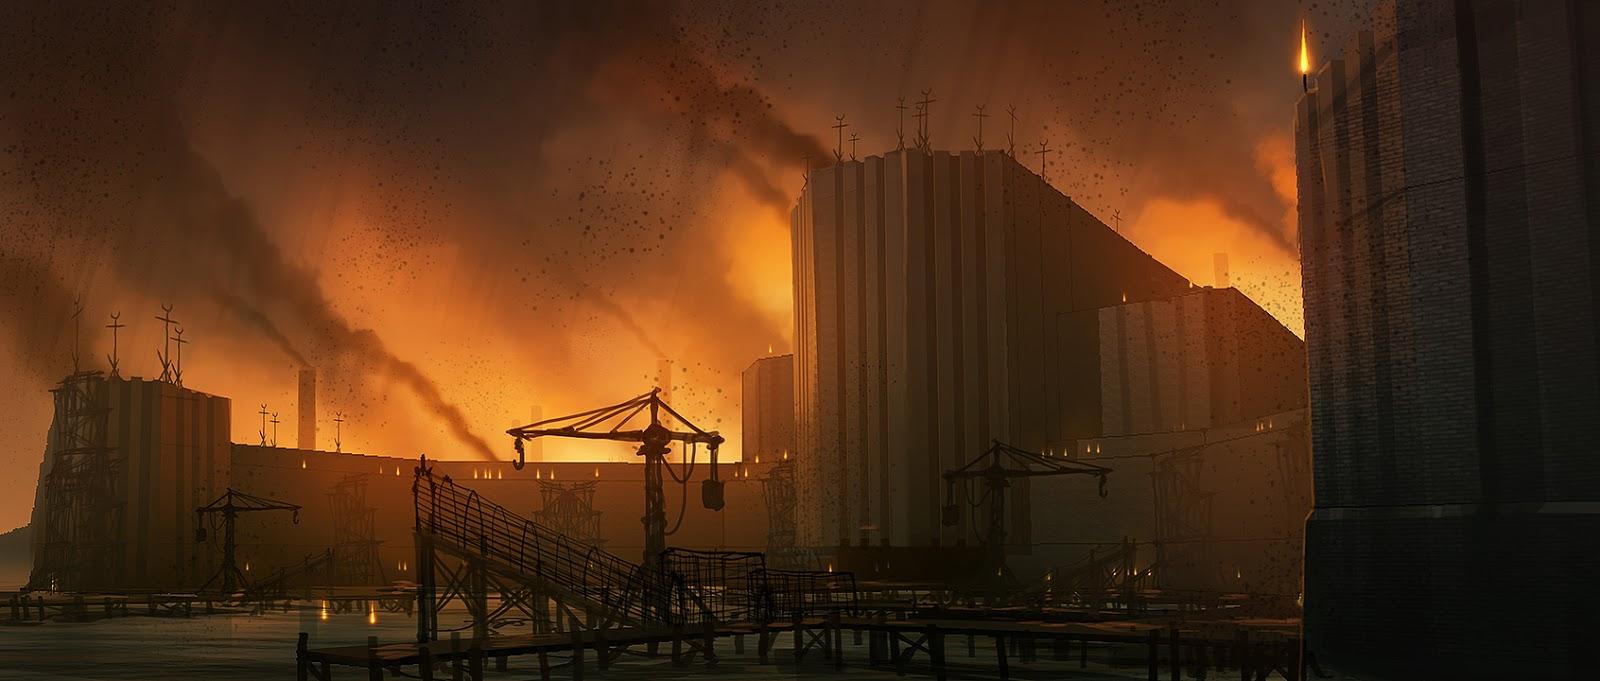 Takhle mohl původně vypadat Mass Effect a Dragon Age 85187